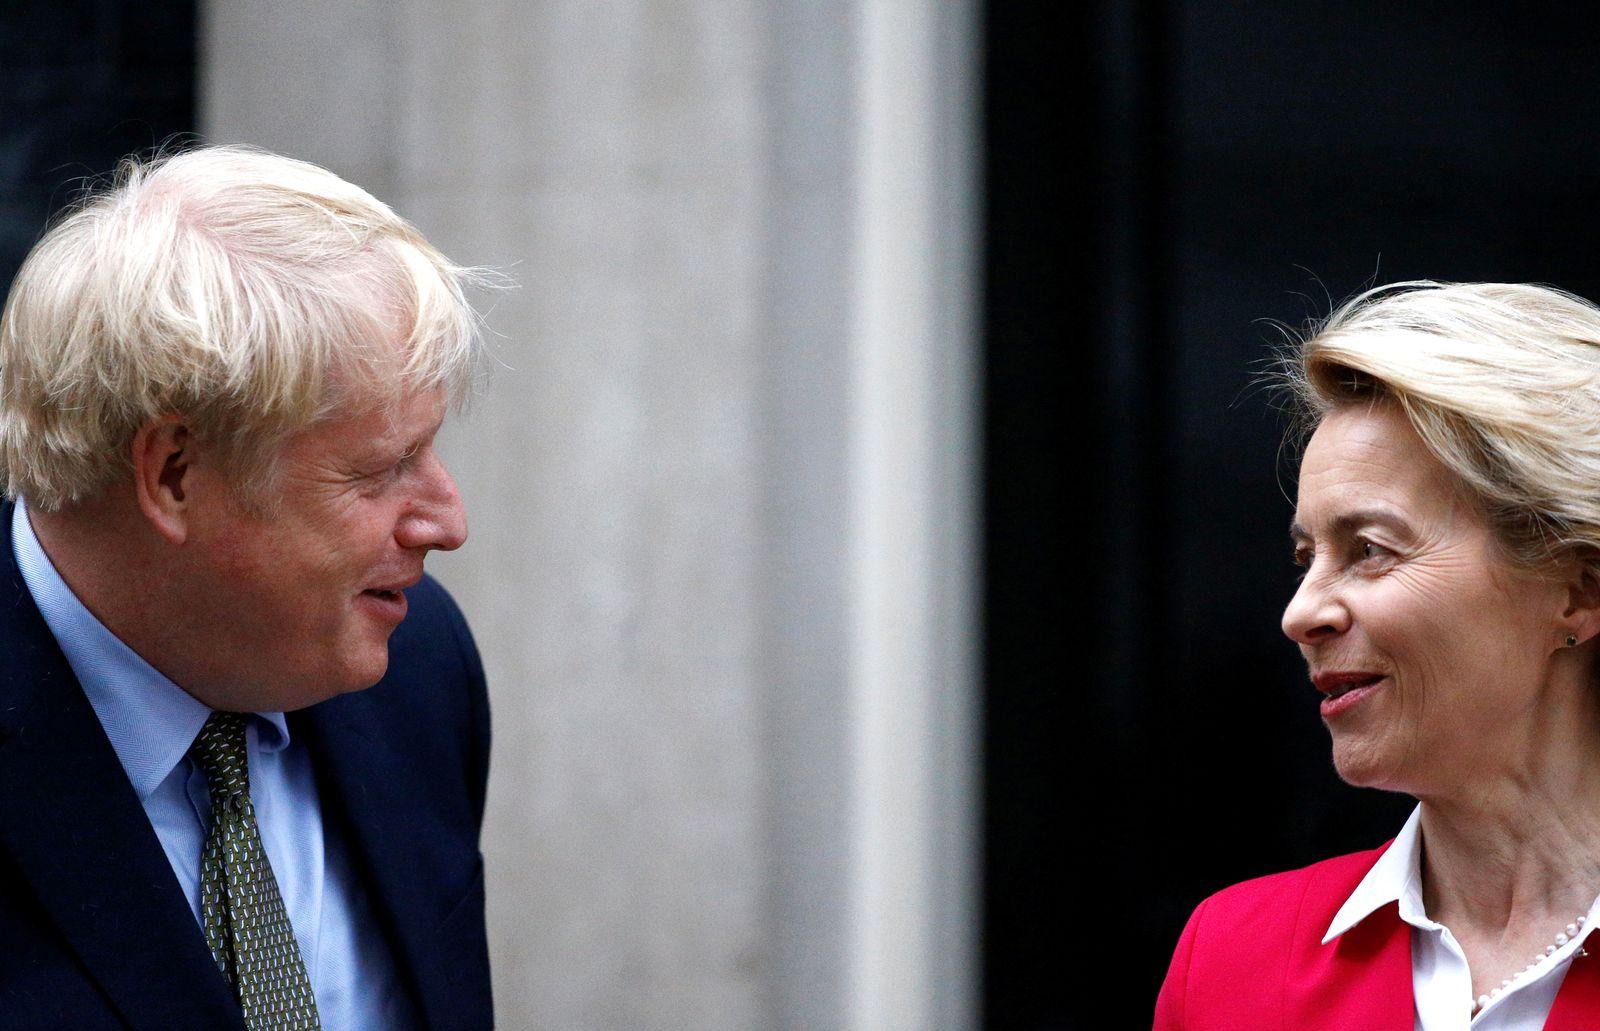 Britain's PM Johnson meets European Commission President von der Leyen in London